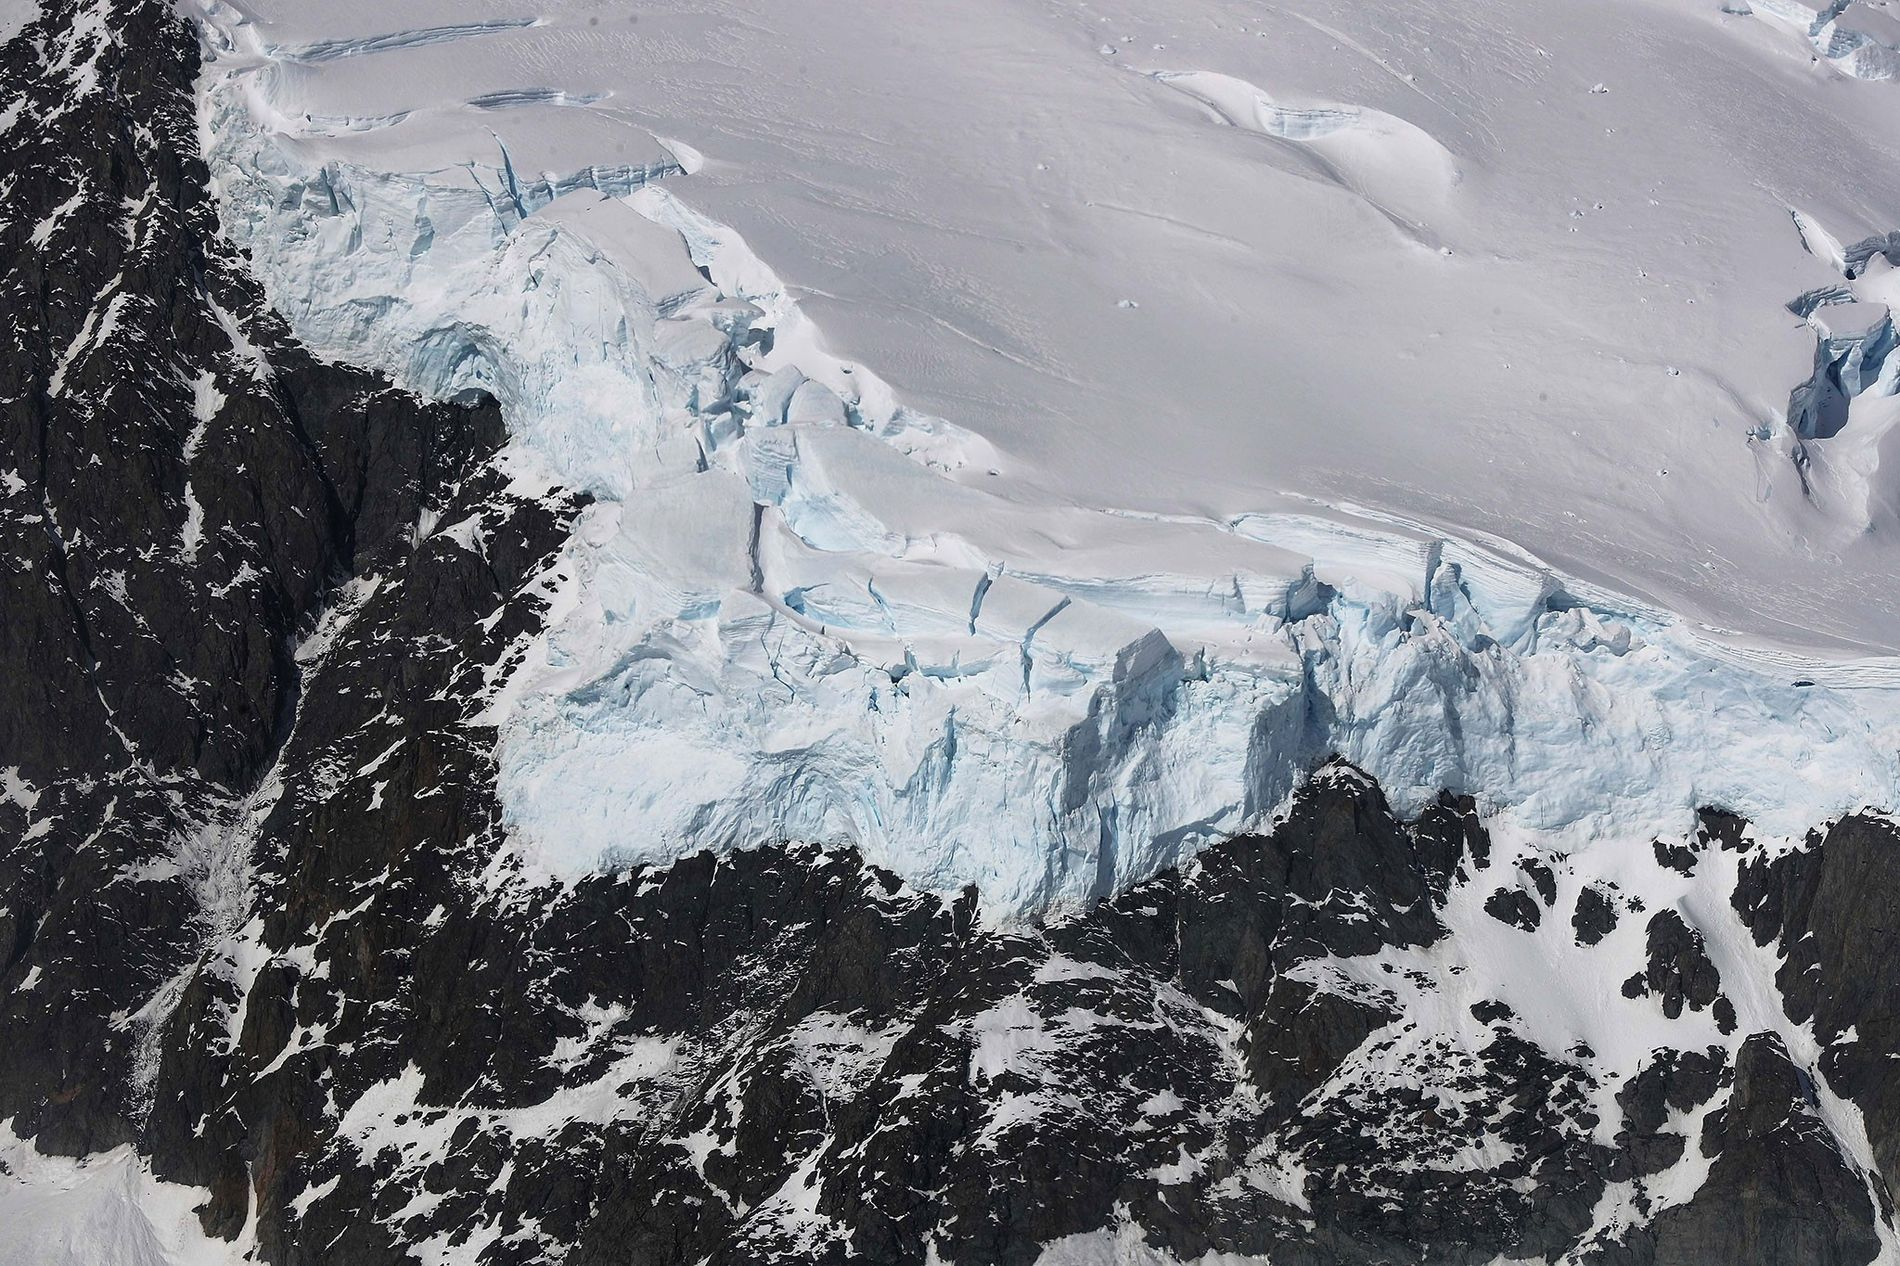 """La glace rencontre la roche dans la péninsule antarctique, sur une photo prise dans le cadre de l'opération IceBridge de la NASA en octobre 2017. Il y a des millions d'années, la planète entière aurait pu ressembler à cette scène polaire au cours d'une phase appelée """"La Terre Boule de Neige""""."""